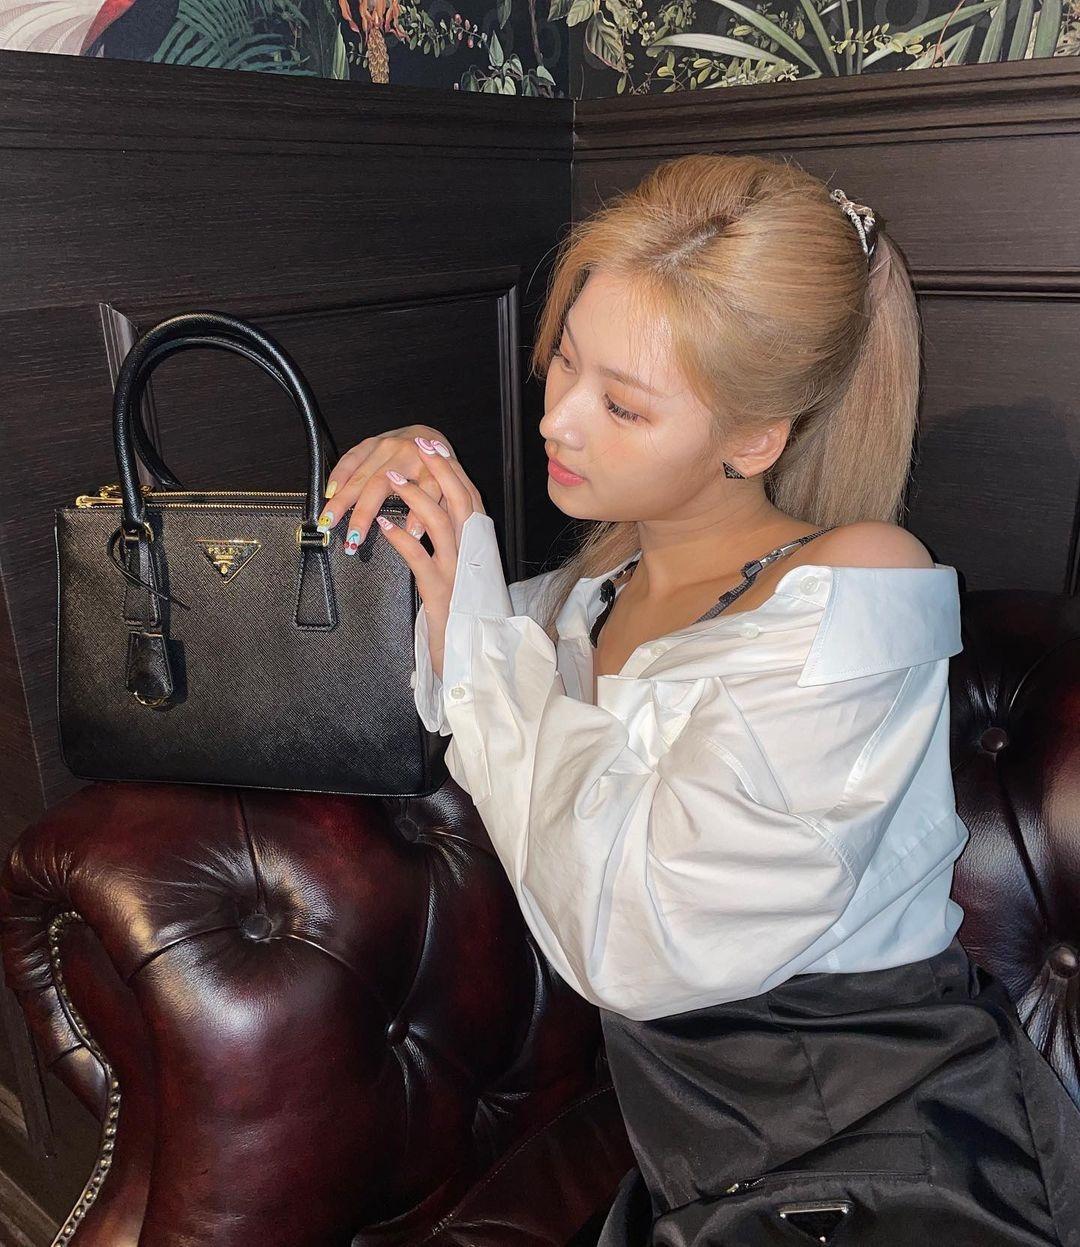 Tuy nhiên lối trang điểm quá nhạt lại khiến Sana bị chê trông như mới ốm dậy. Kiểu chụp hình đơn giản với những cách tạo dáng như cầm túi, nhìn vào túi... của mỹ nhân Twice cũng được nhận xét là quá an toàn và nhàm chán, chưa toát lên tinh thần cao cấp.